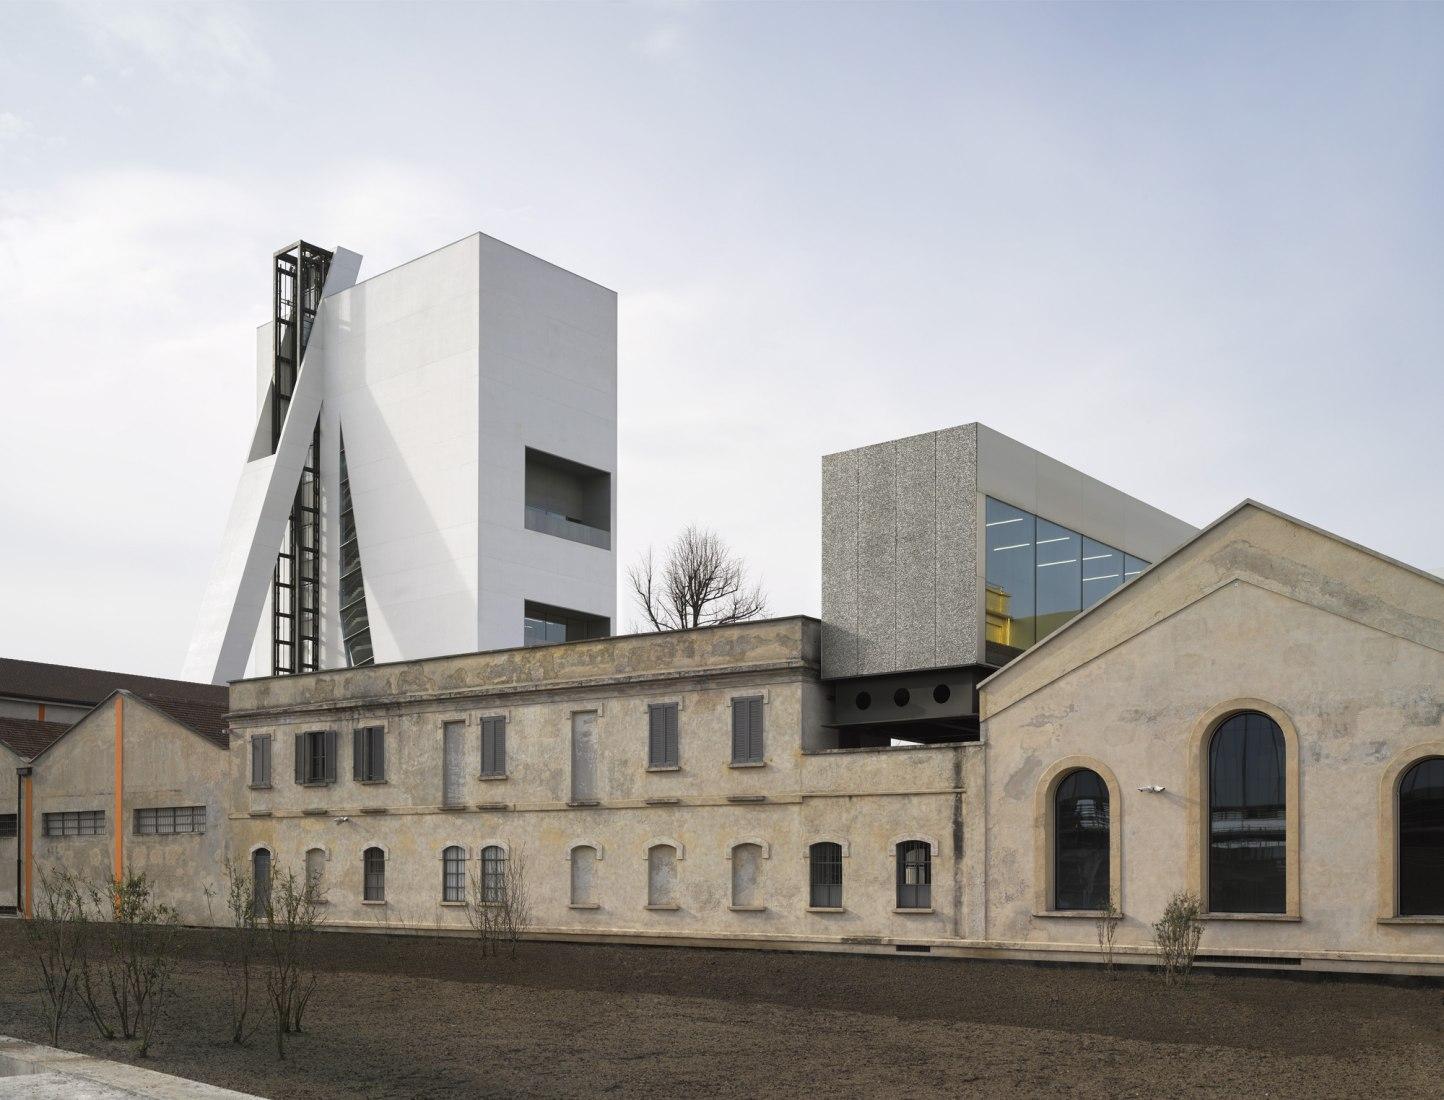 Torre, Complejo de la Fondazione Prada de OMA. Fotografía © Bas Princen. Cortesía de Fondazione Prada